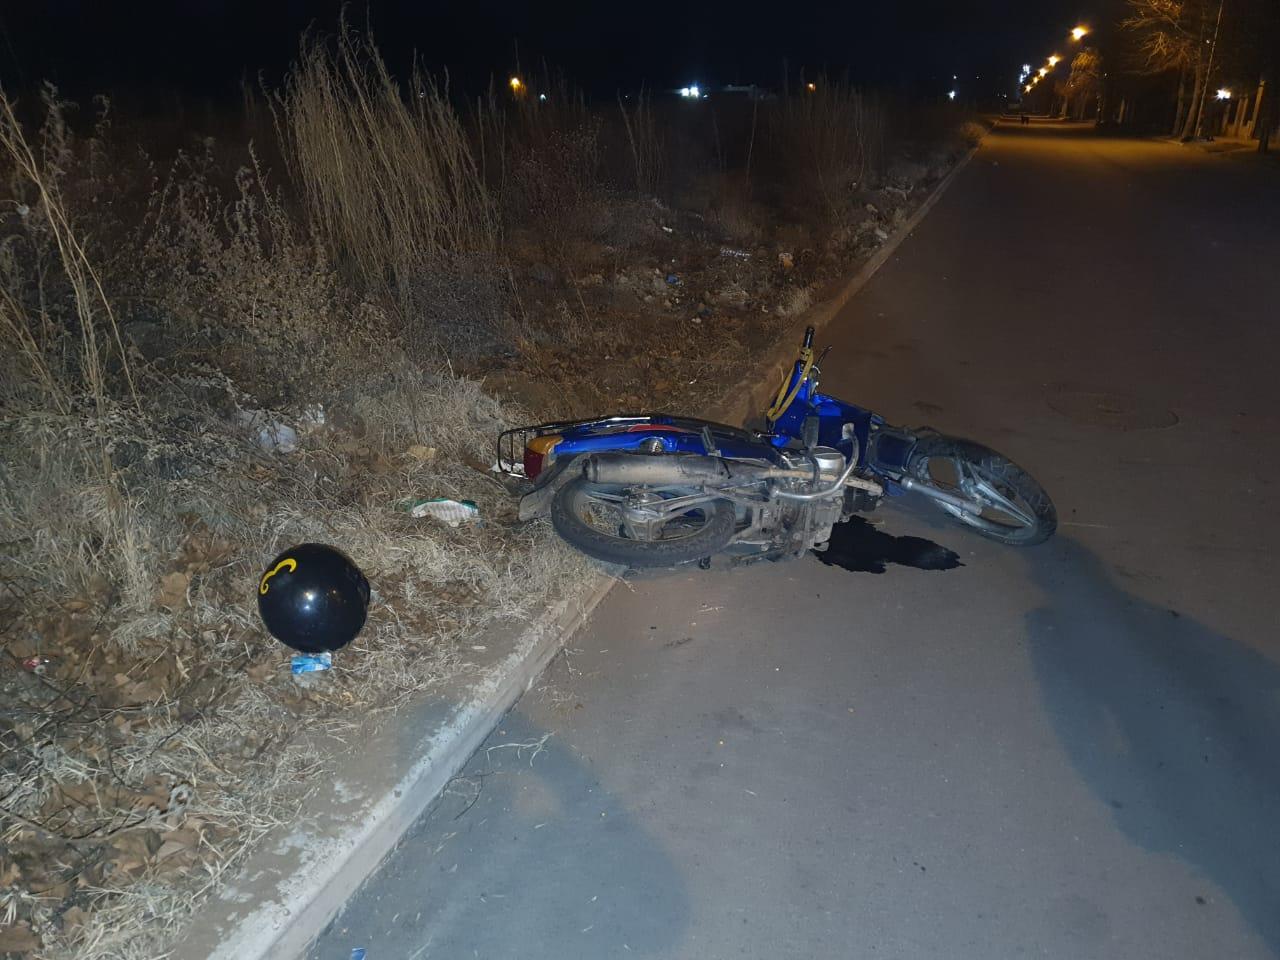 Un joven de 20 años sufrió un accidente en horas de la madrugada